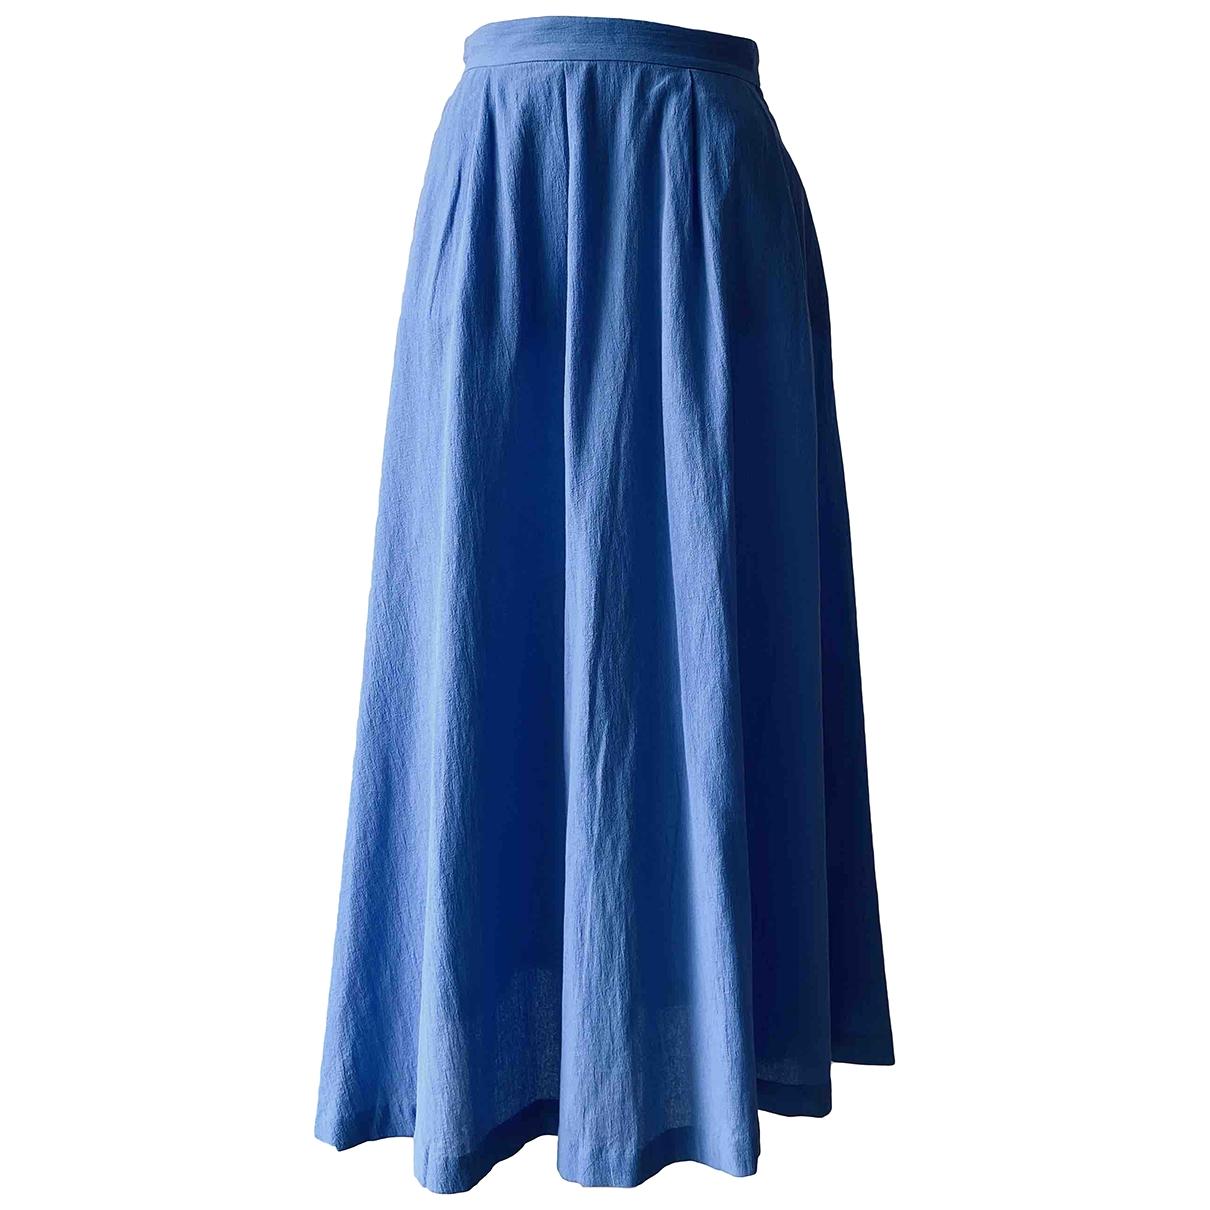 & Stories \N Blue Cotton skirt for Women 34 FR